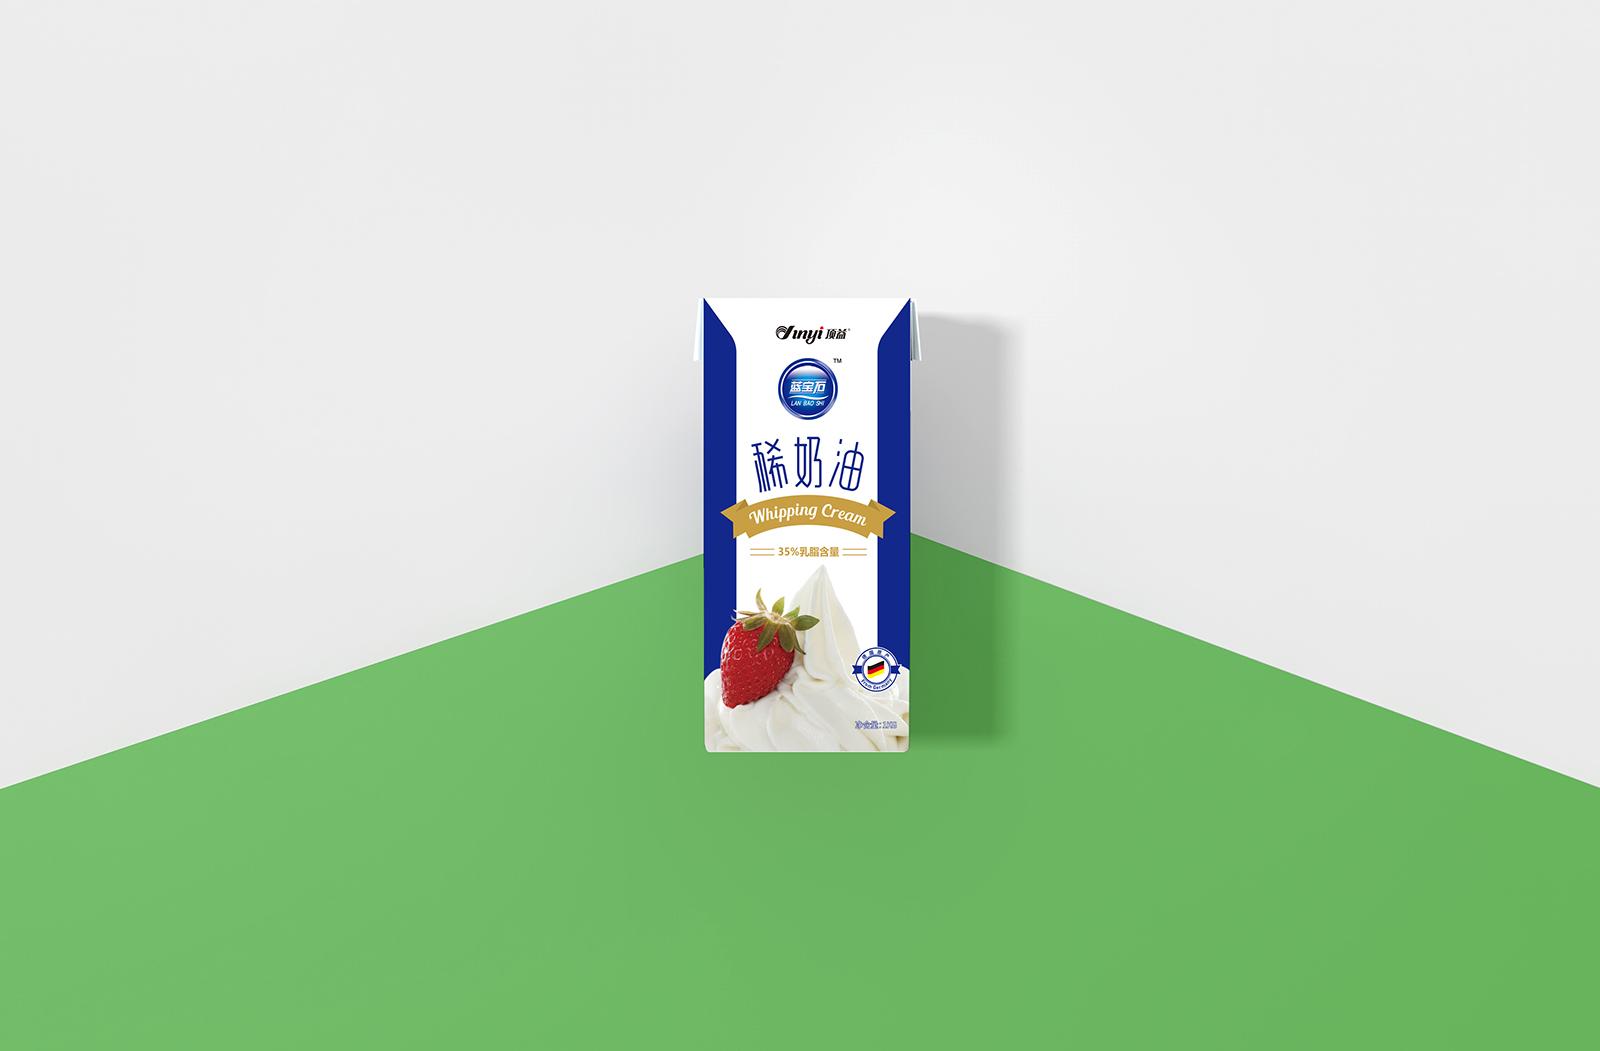 橙象案例-顶益淡奶油品牌包装设计欣赏-VI设计2